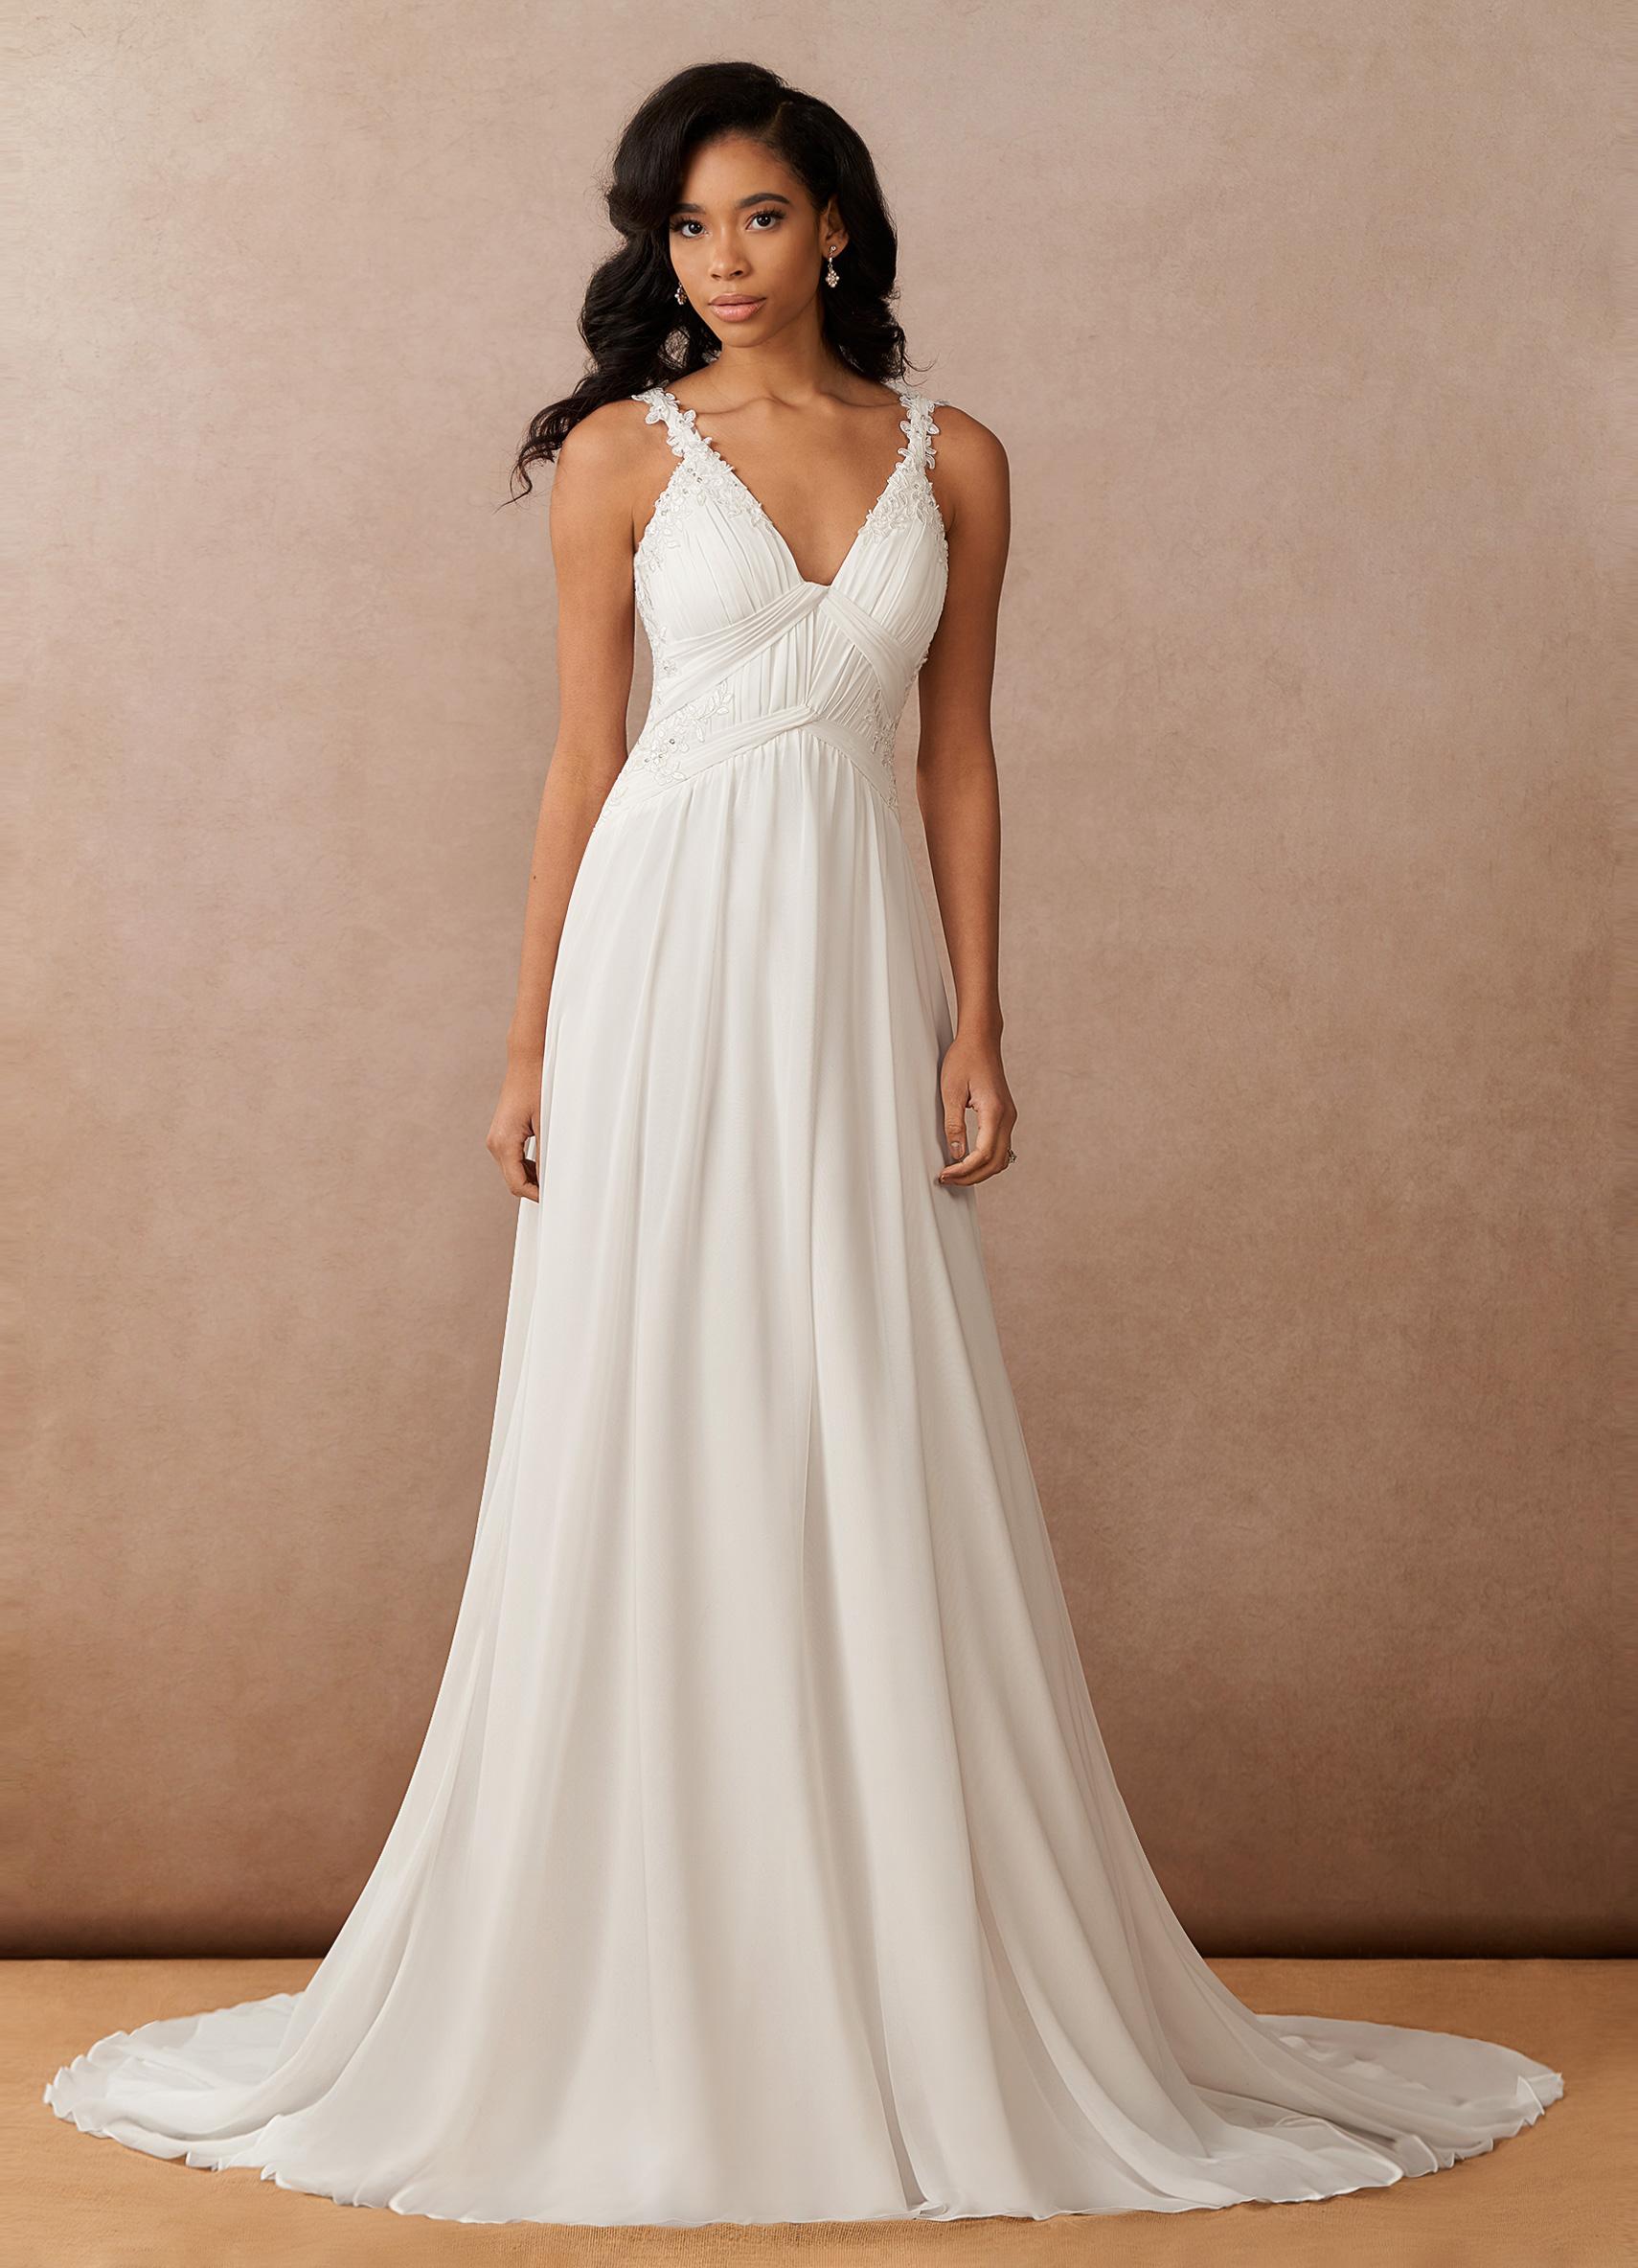 Azazie Ramona, Azazie Essence, bridal gown, modern wedding dress, sleeveless wedding dress, simple wedding dress